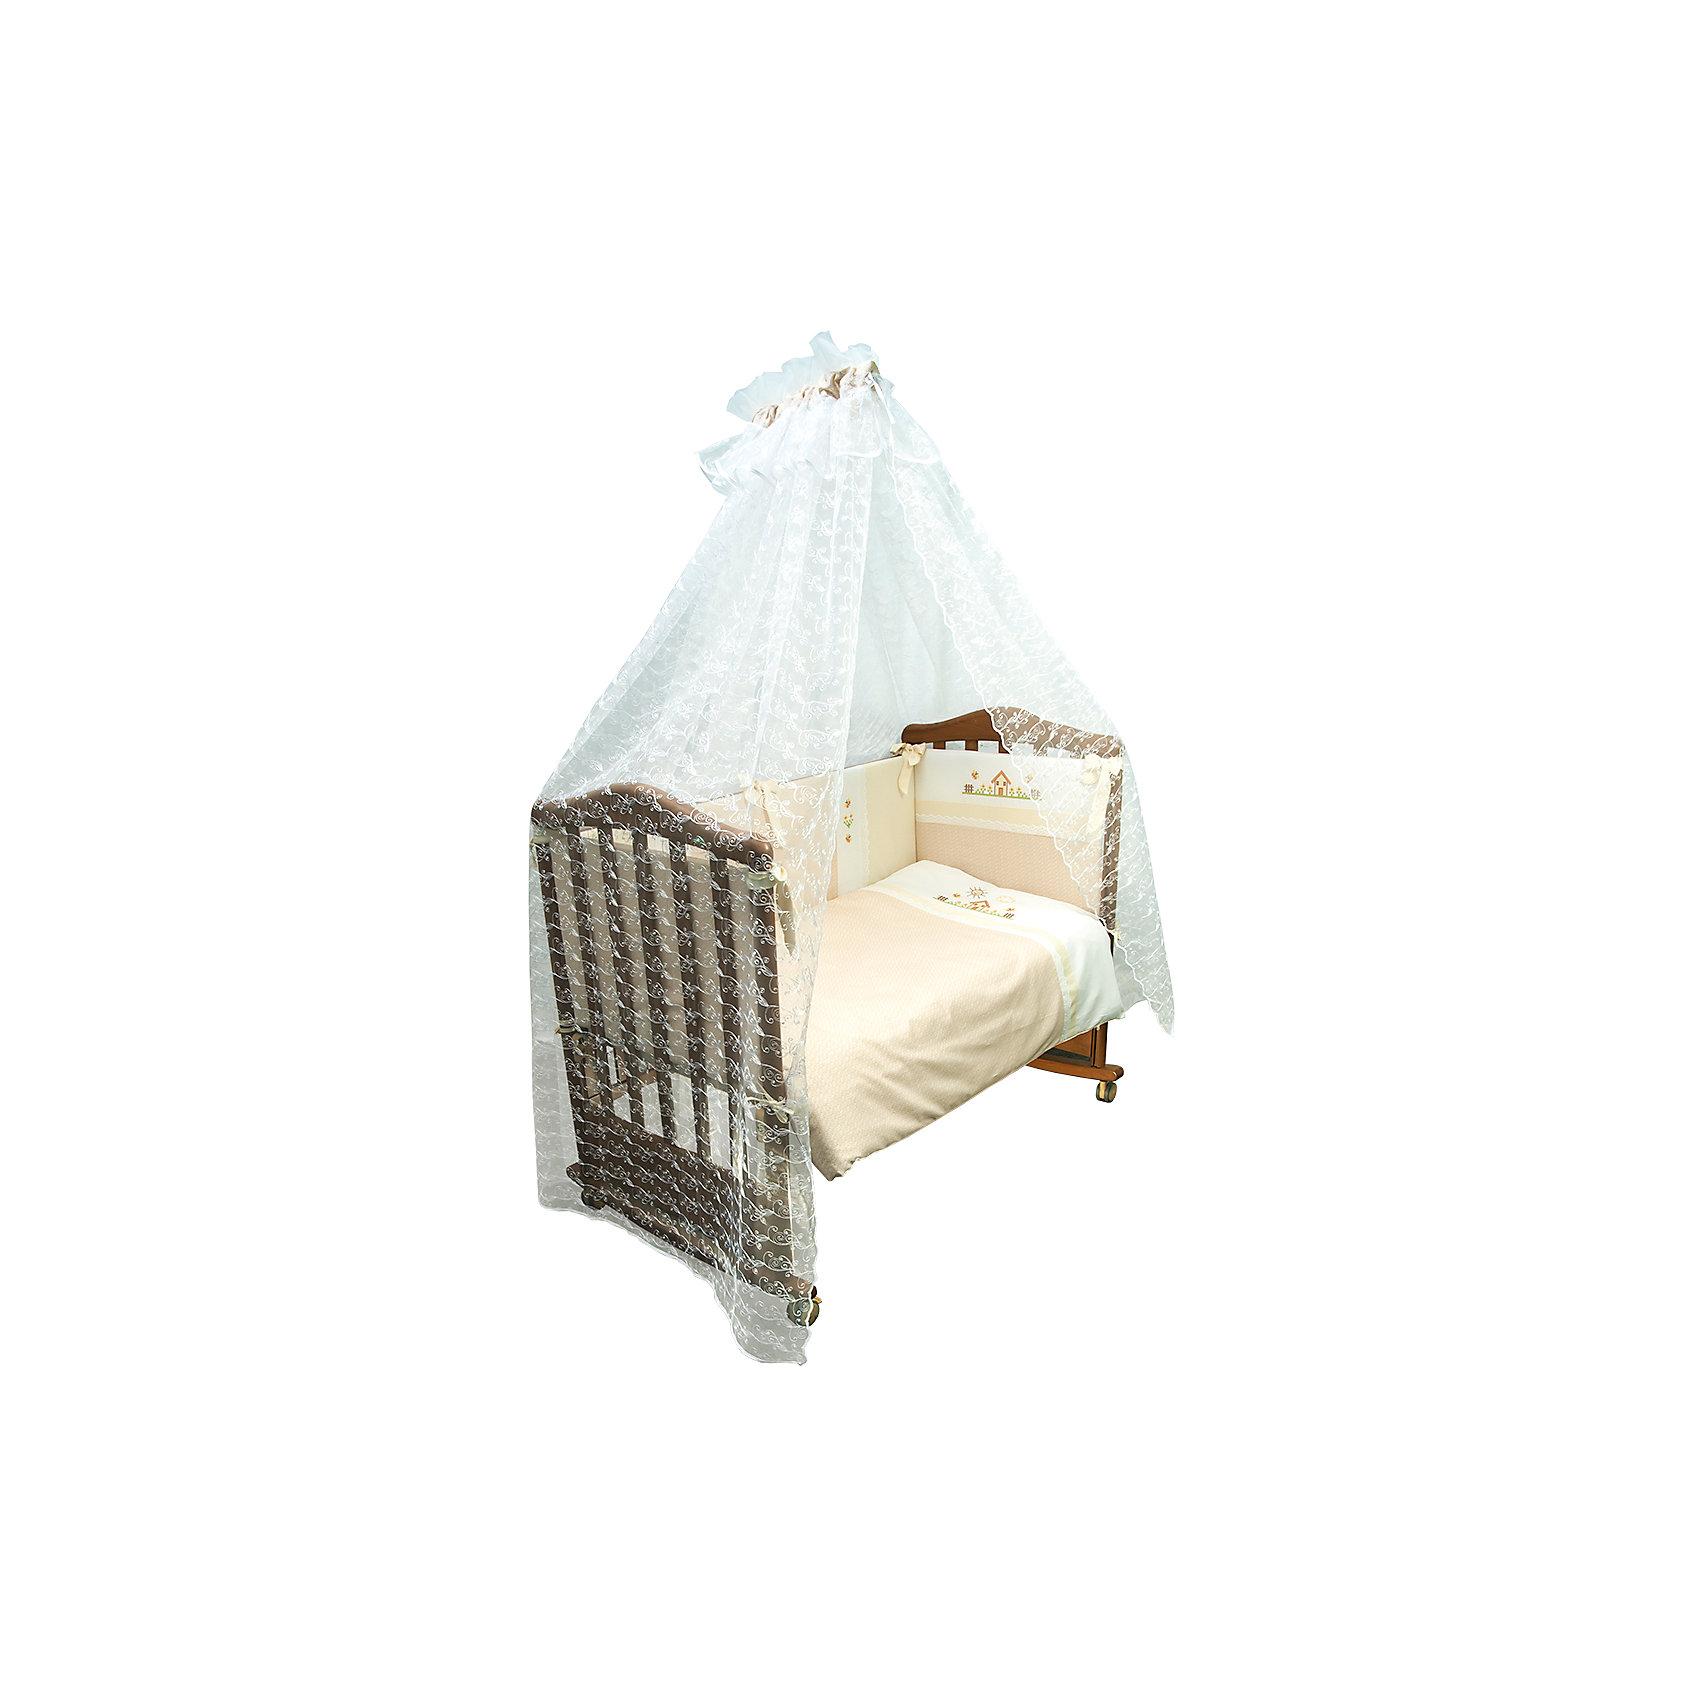 Постельное белье Кантри 7 пред, Сонный гномик, бежевыйПостельное бельё<br>Постельное белье Кантри 7 предм., Сонный гномик, бежевый состоит из постельных принадлежностей, необходимых для детской кроватки: одеяло, подушка, простынь, пододеяльник, наволочка, бортики и балдахин. Комплект подходит для кроваток любого типа стандартного размера 120*60 см. Все изделия комплекта выполнены из сатина высокого качества, который обладает устойчивостью к деформации и изменению цвета, даже при частых стирках не образуются потертости и катышки. В одеяле и подушке в качестве наполнителя использован холлофайбер, который обладает высокой воздухопроницаемостью, водоотталкивающими и гипоаллергенными свойствами. Бортик для кроватки состоит из четырех частей, которые крепятся за счет завязок. Комплект выполнен в нежном бежевом цвете, украшен стилизованным под вышивку крестиком принтом селького домика.   <br>Постельное белье Кантри 7 предм., Сонный гномик, бежевый обеспечит ребенку крепкий, здоровый и безопасный сон. <br><br>Дополнительная информация:<br><br>- Предназначение: для детской кроватки<br>- Комплектация: одеяло и пододеяльник (110*140 см), подушка и наволочка (40*60 см), простынь (100*140 см), бортики из четырех частей, балдахин (4 м)<br>- Материал: сатин, полиэстер (балдахин)<br>- Наполнитель: холлофайбер<br>- Пол: для мальчика/для девочки<br>- Цвет: бежевый, белый<br>- Размеры упаковки (Д*Ш*В): 65*20*50 см<br>- Вес: 3 кг 500 г<br>- Особенности ухода: разрешается стирка при температуре не более 40 градусов<br><br>Подробнее:<br><br>• Для детей в возрасте от 0 месяцев и до 4 лет<br>• Страна производитель: Россия<br>• Торговый бренд: Leader kids<br><br>Постельное белье Кантри 7 предм., Сонный гномик, бежевый можно купить в нашем интернет-магазине.<br><br>Ширина мм: 650<br>Глубина мм: 200<br>Высота мм: 500<br>Вес г: 3500<br>Возраст от месяцев: 0<br>Возраст до месяцев: 48<br>Пол: Мужской<br>Возраст: Детский<br>SKU: 4922755